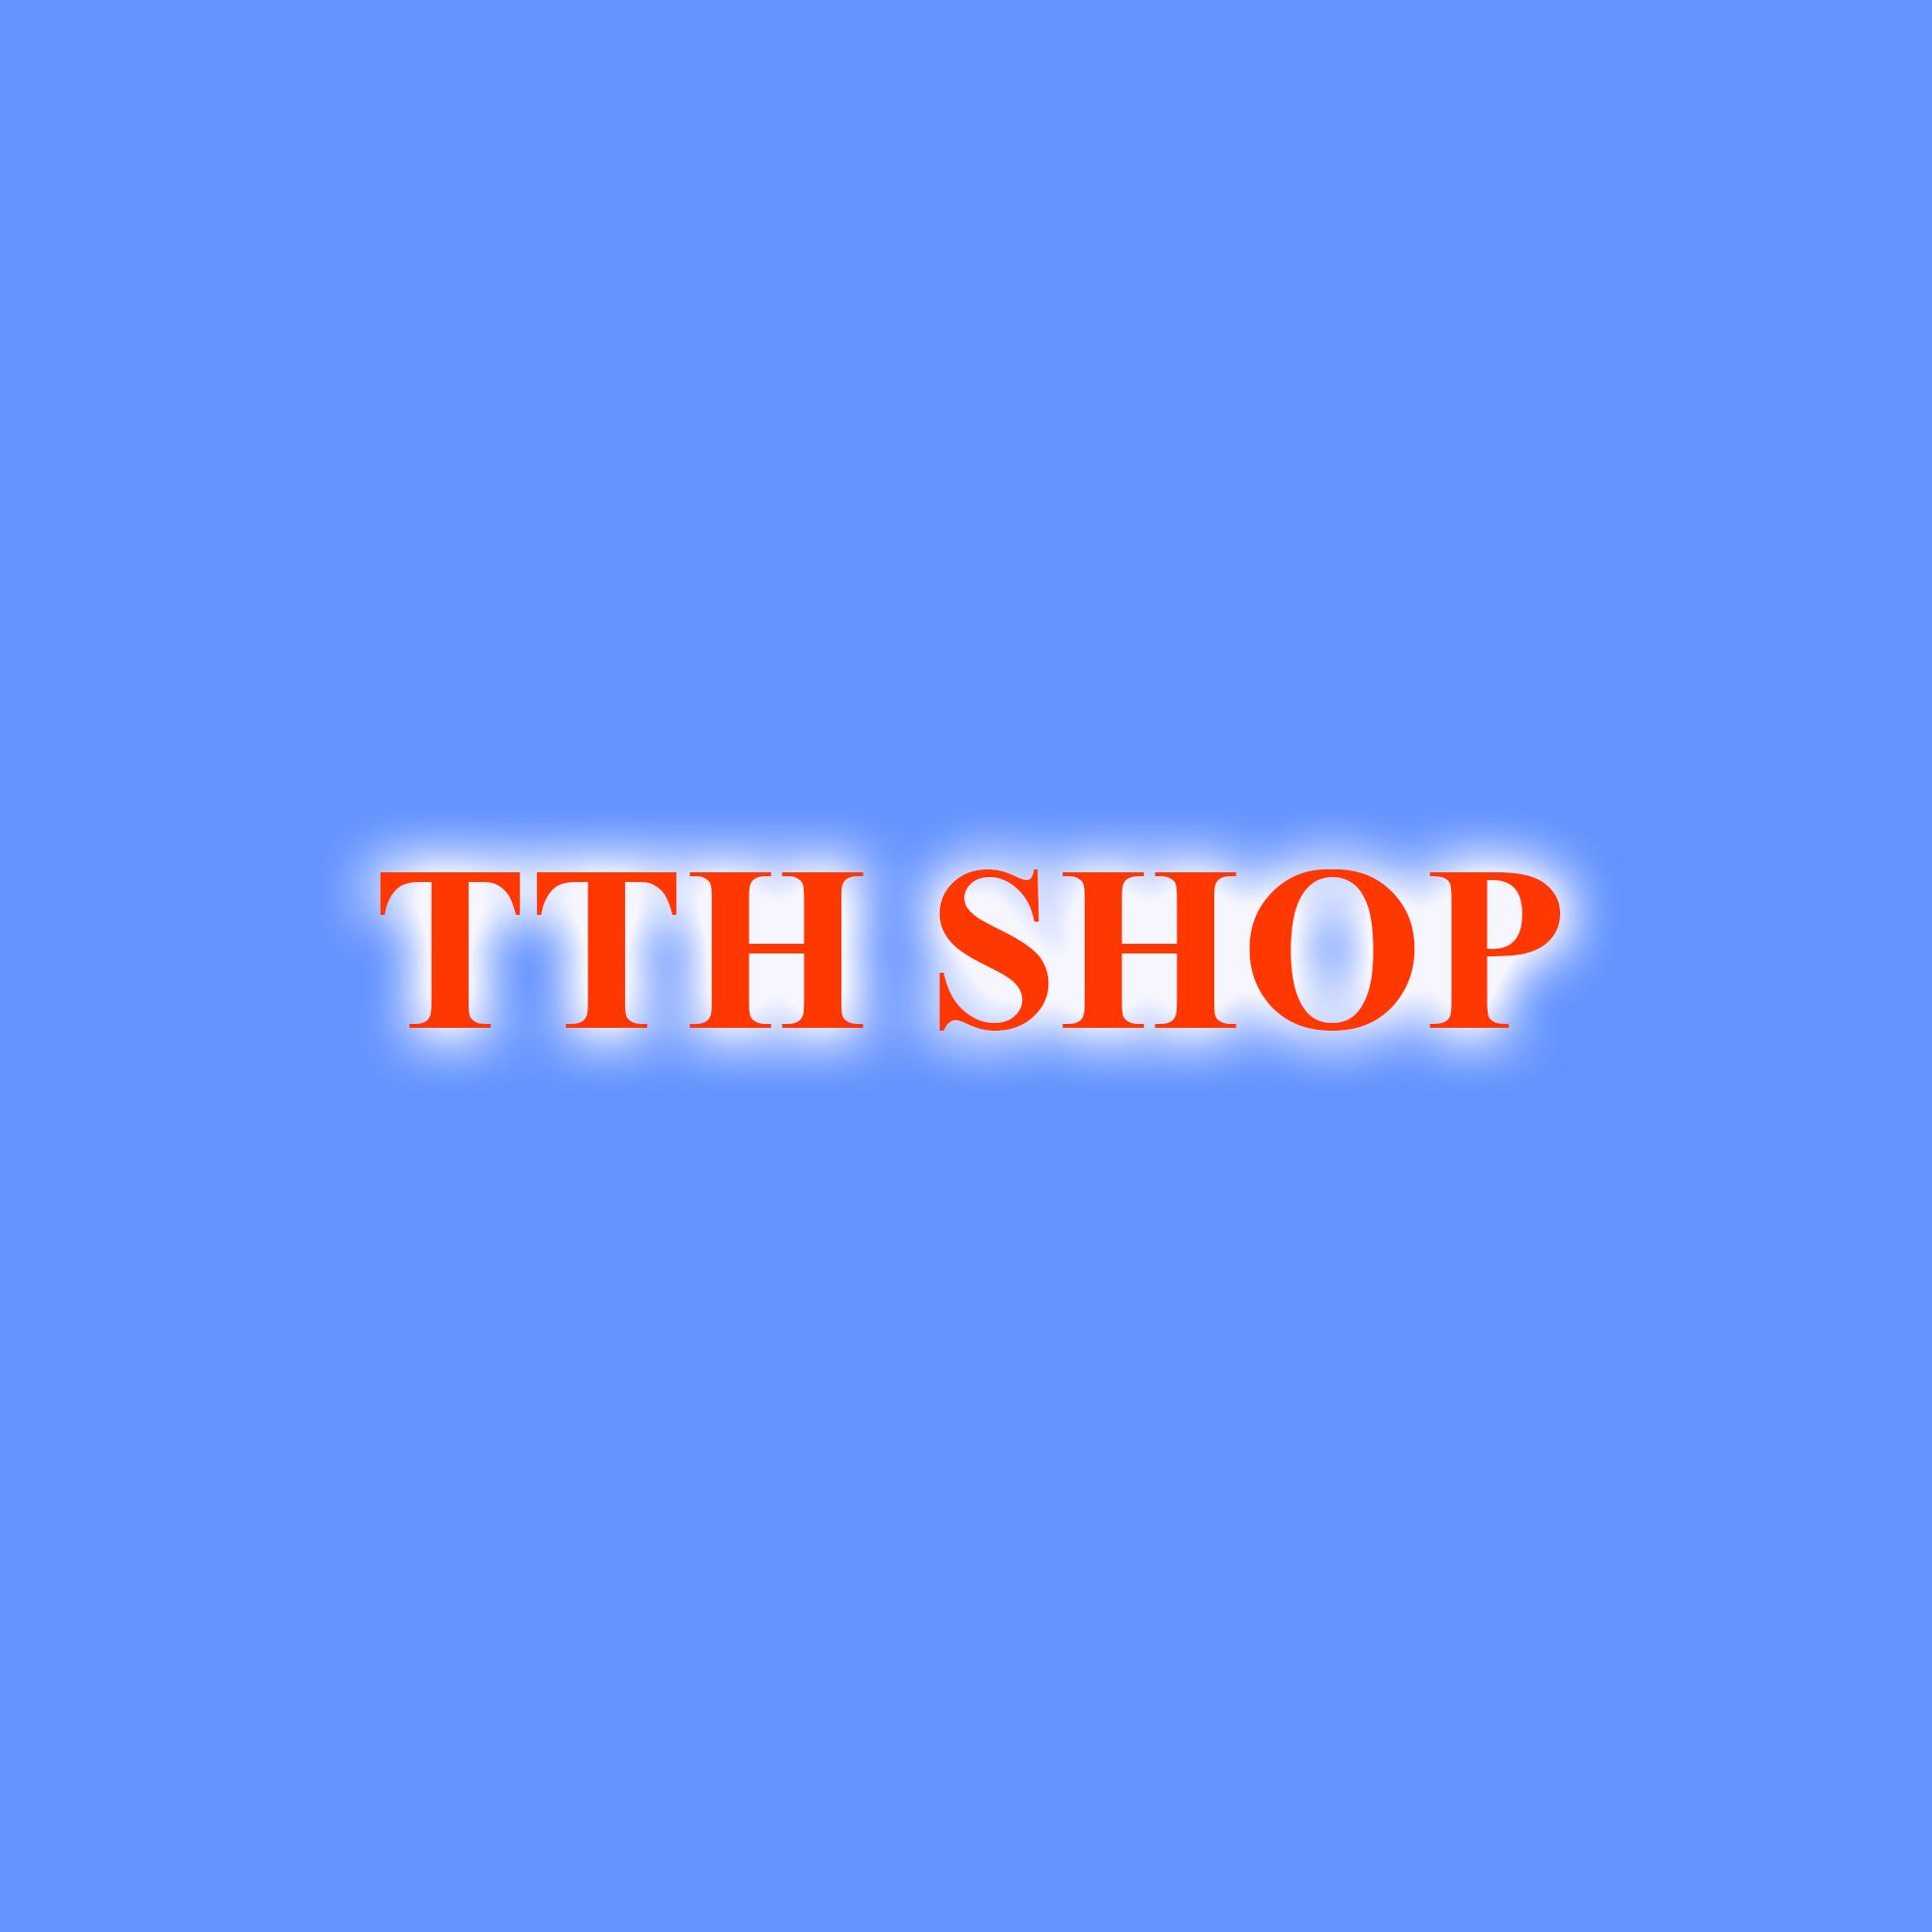 TTHSHOP